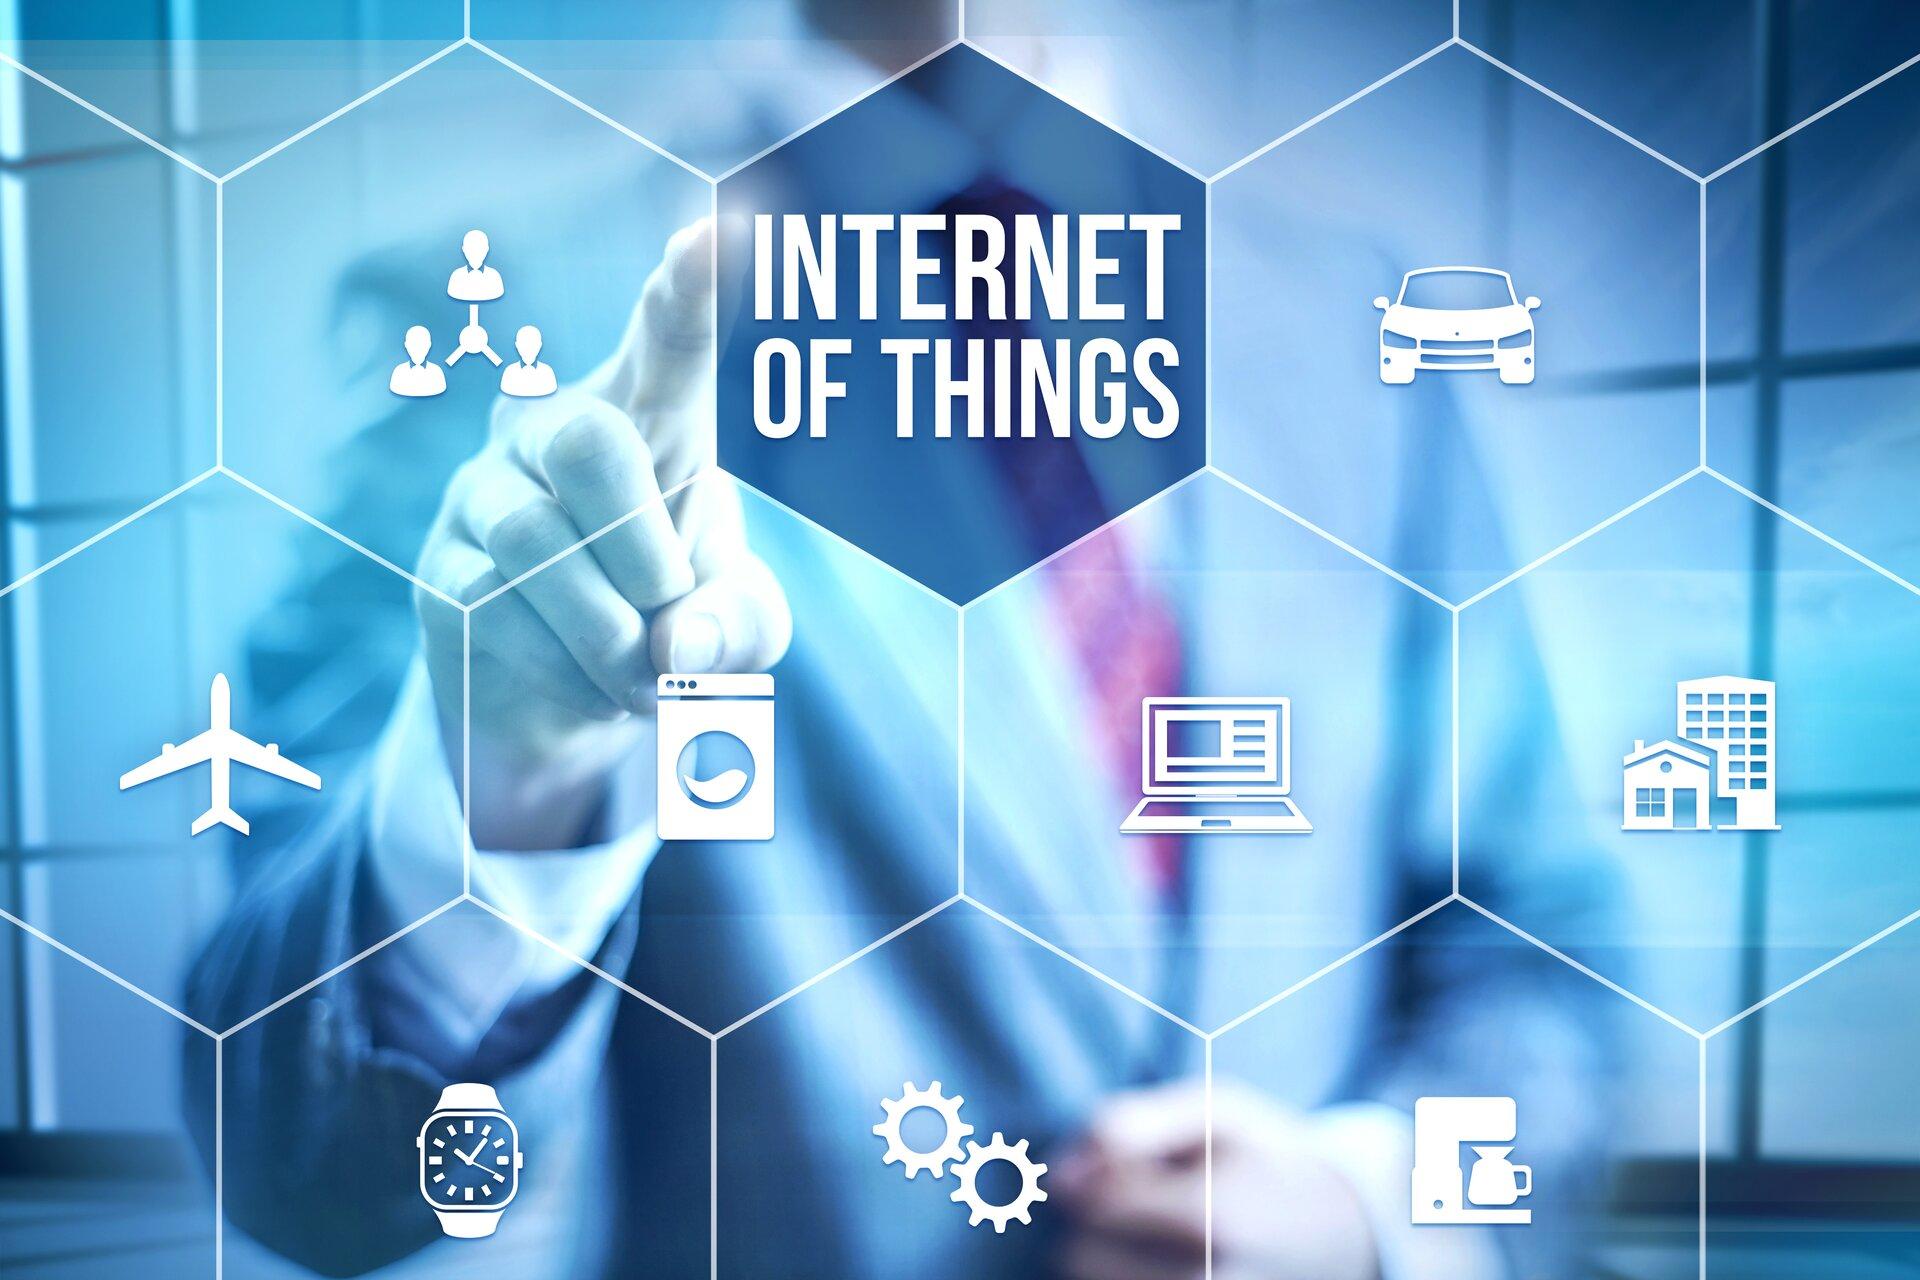 Ilustracja przedstawia przyszłość Internetu. Ukazuje ona zastosowanie sieci wkażdej dziedzinie ludzkiego życia. Wżyciu codziennym, przemyśle itransporcie. Na grafice wykorzystano ikony: samolotu, pralki, laptopa, budownictwa, zegarka, koło zębate, ekspres do kawy oraz samochód.